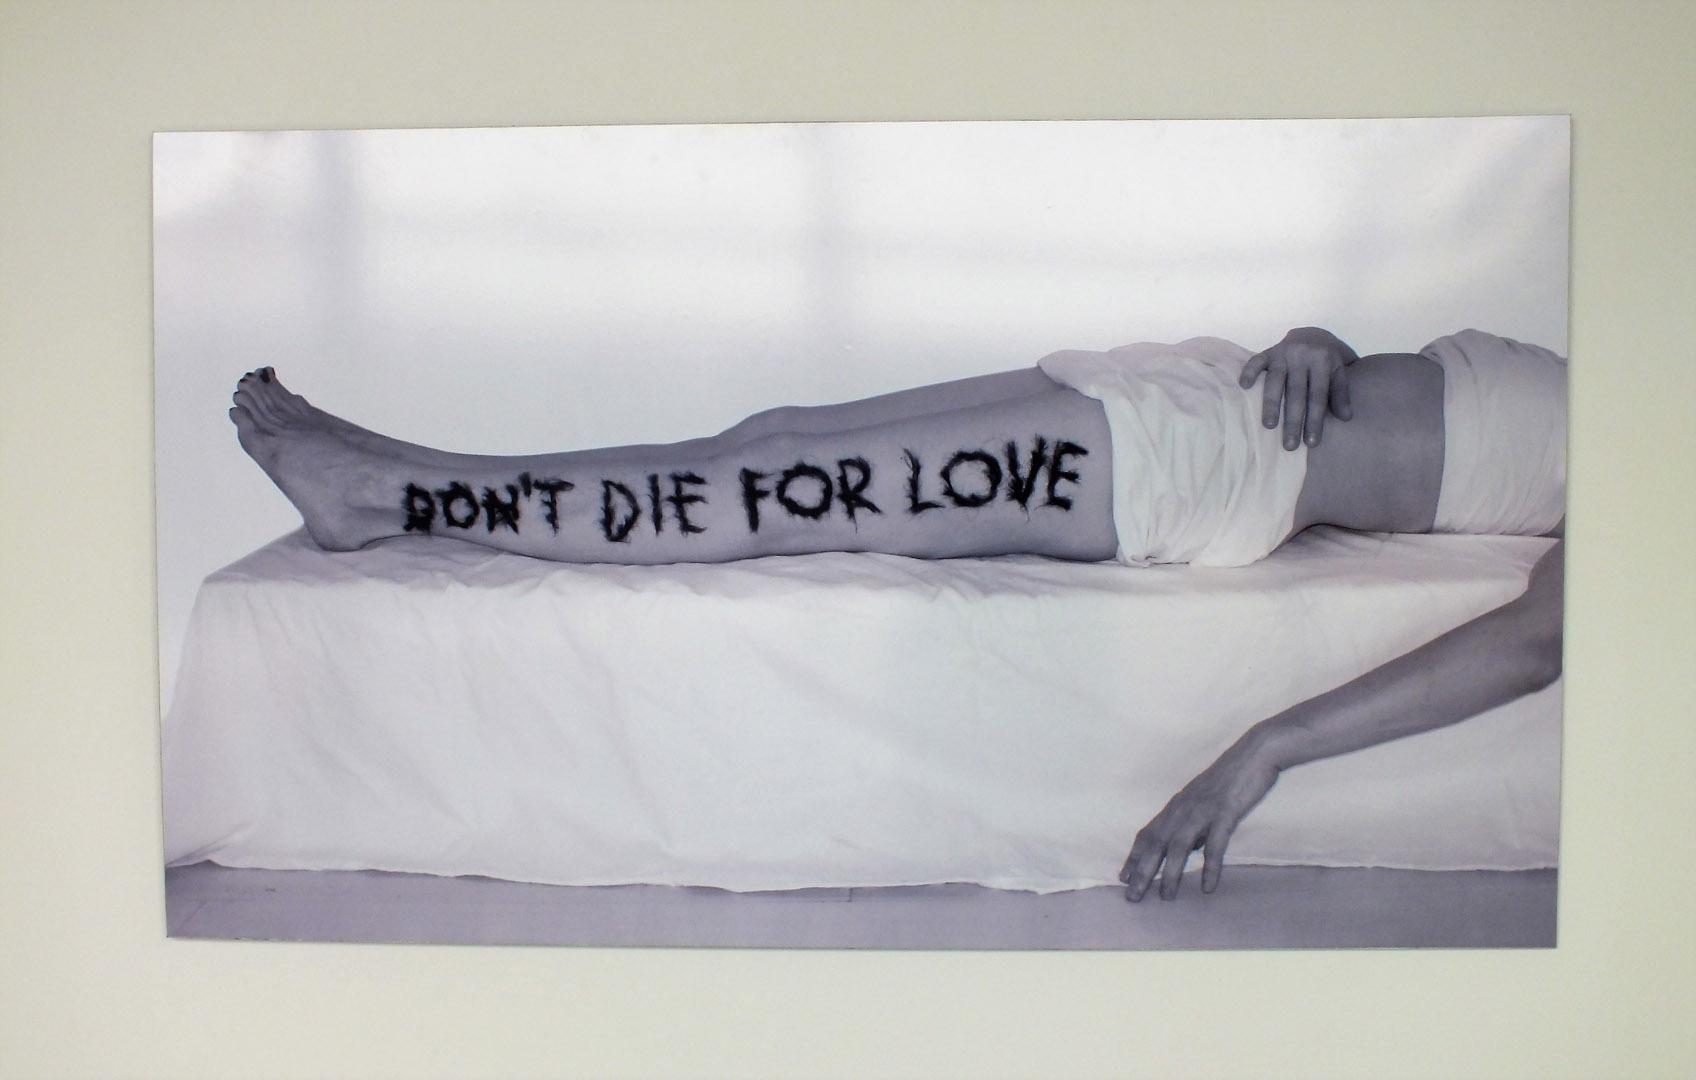 """Laisvydė Šalčiūtė. """"Nemirk dėl meilės"""", fotografija, 2010, iš ciklo """"Kūno apieškojimas"""". gyčio norvilo nuotraukos"""